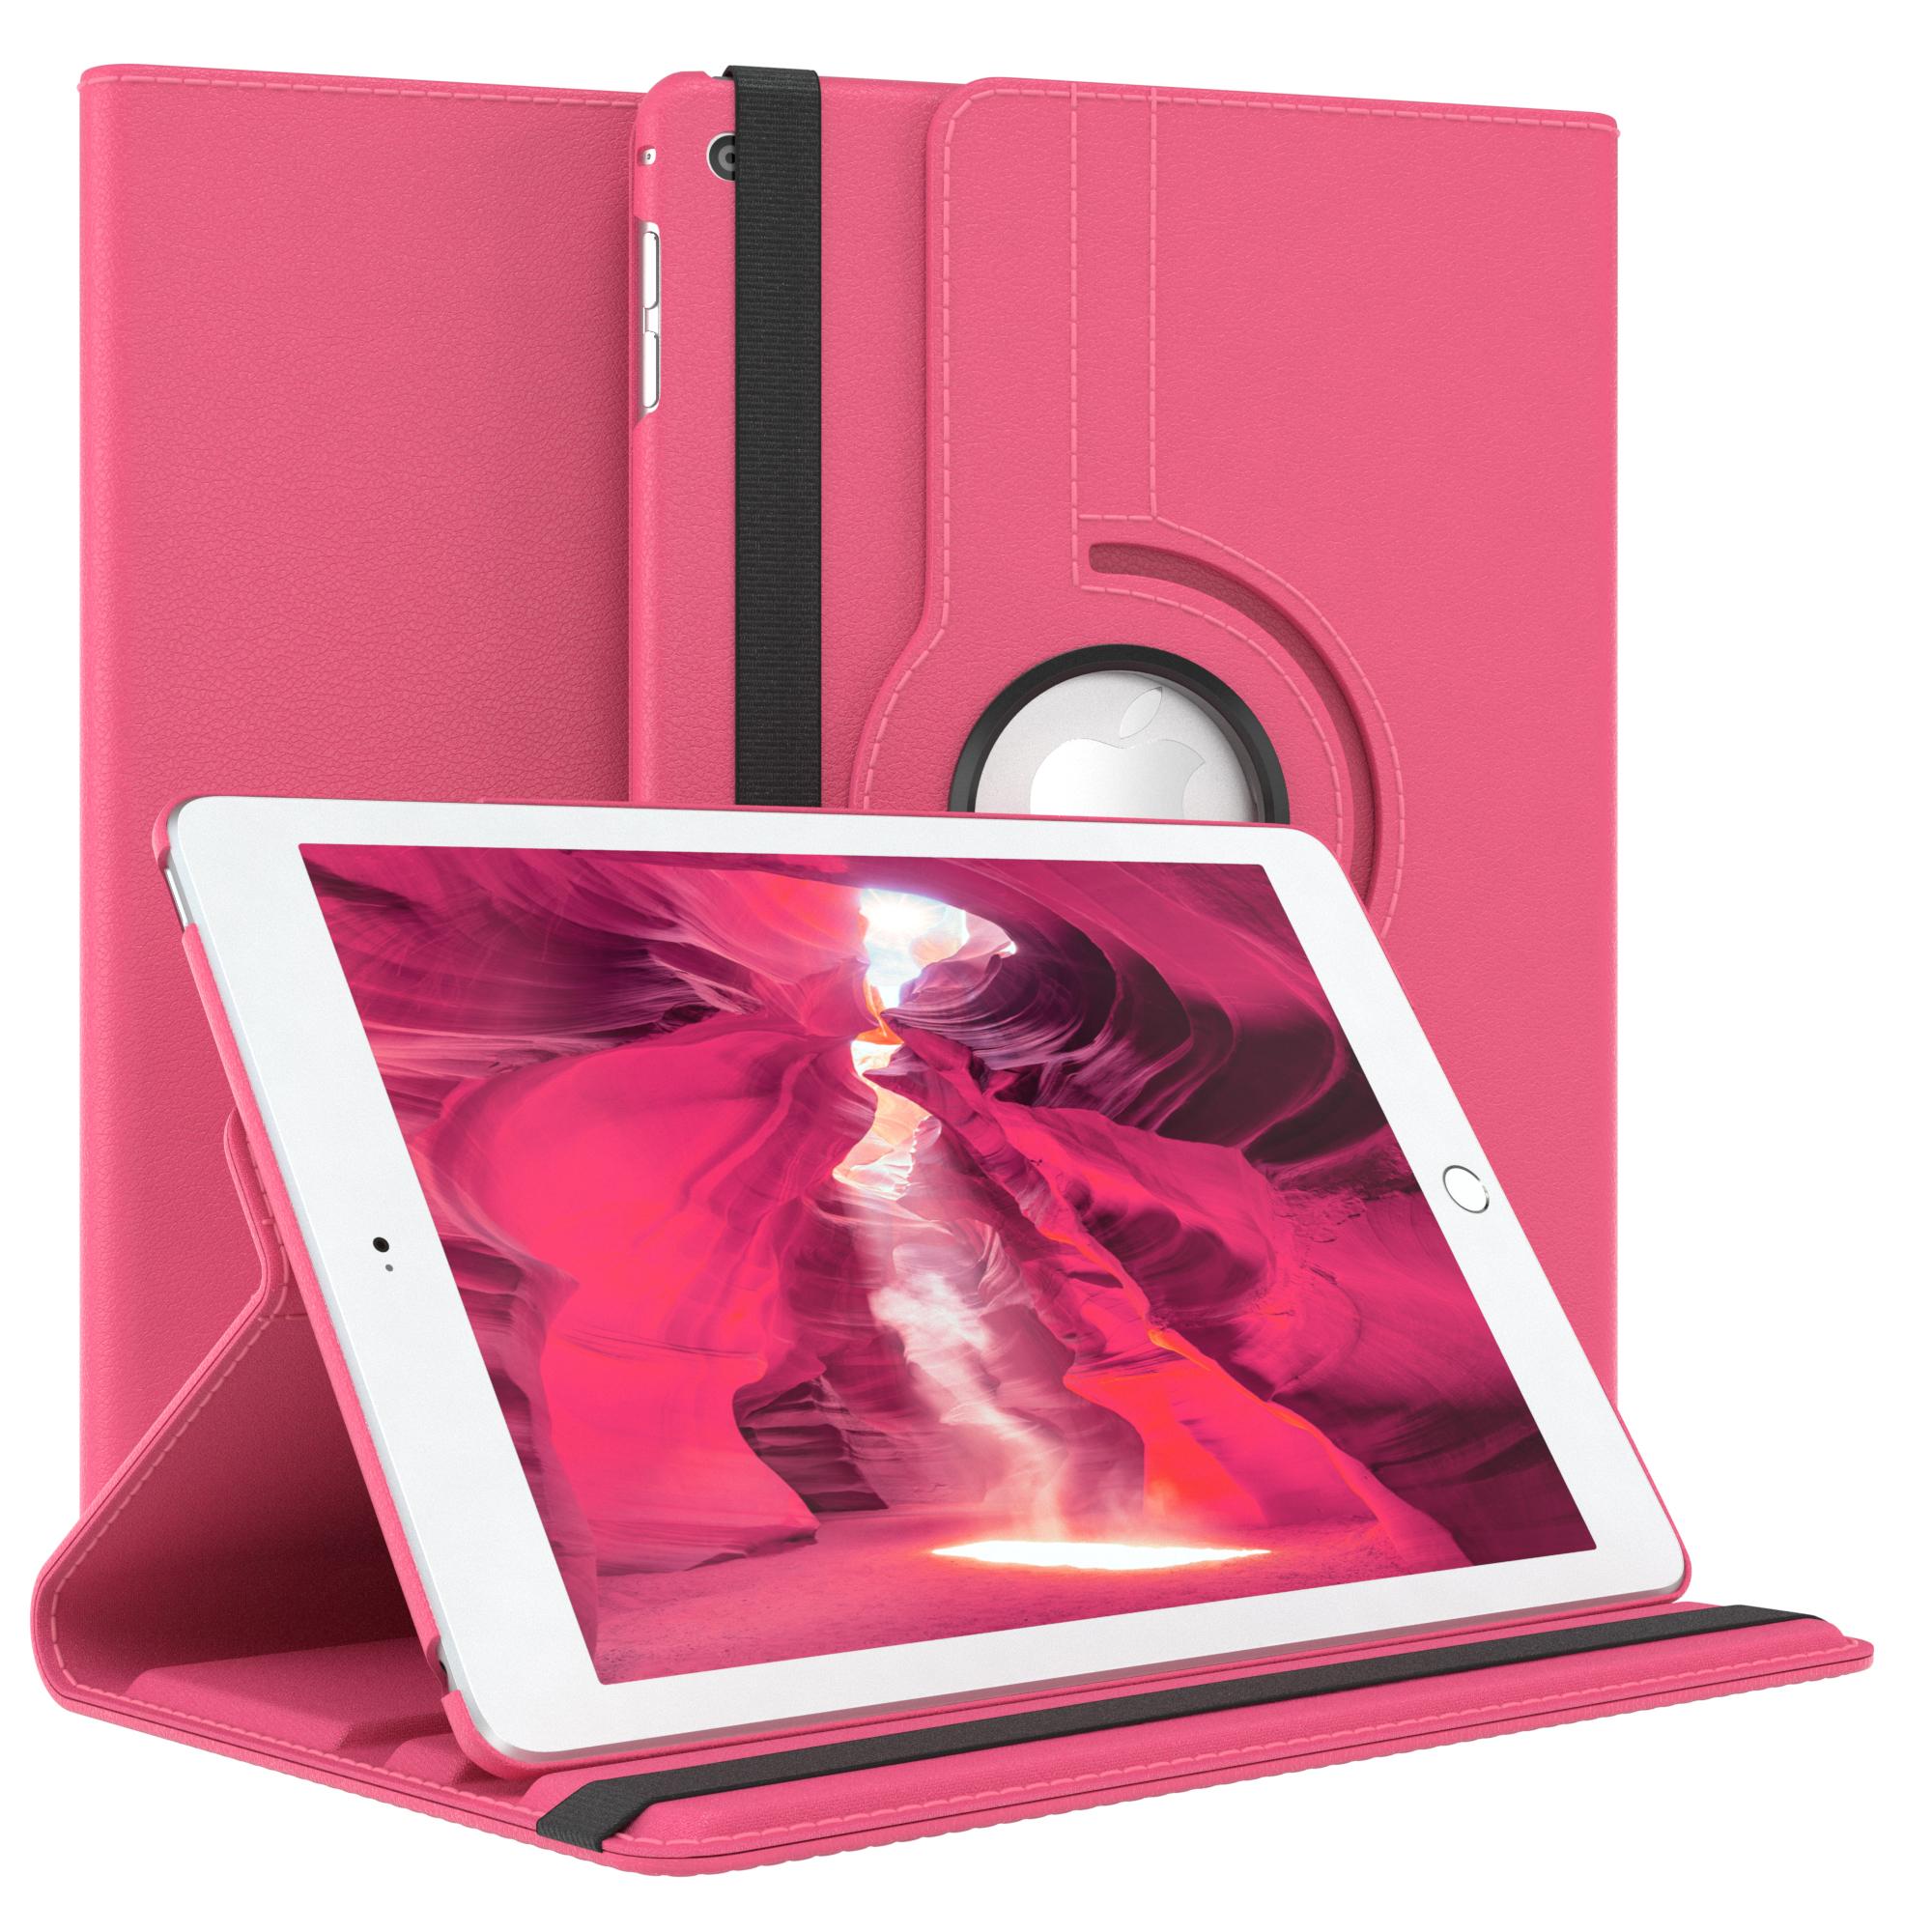 Tasche-fuer-Apple-iPad-Smart-Case-Schutz-Huelle-Etui-Tasche-Bumper-Flip-Cover-360 Indexbild 11